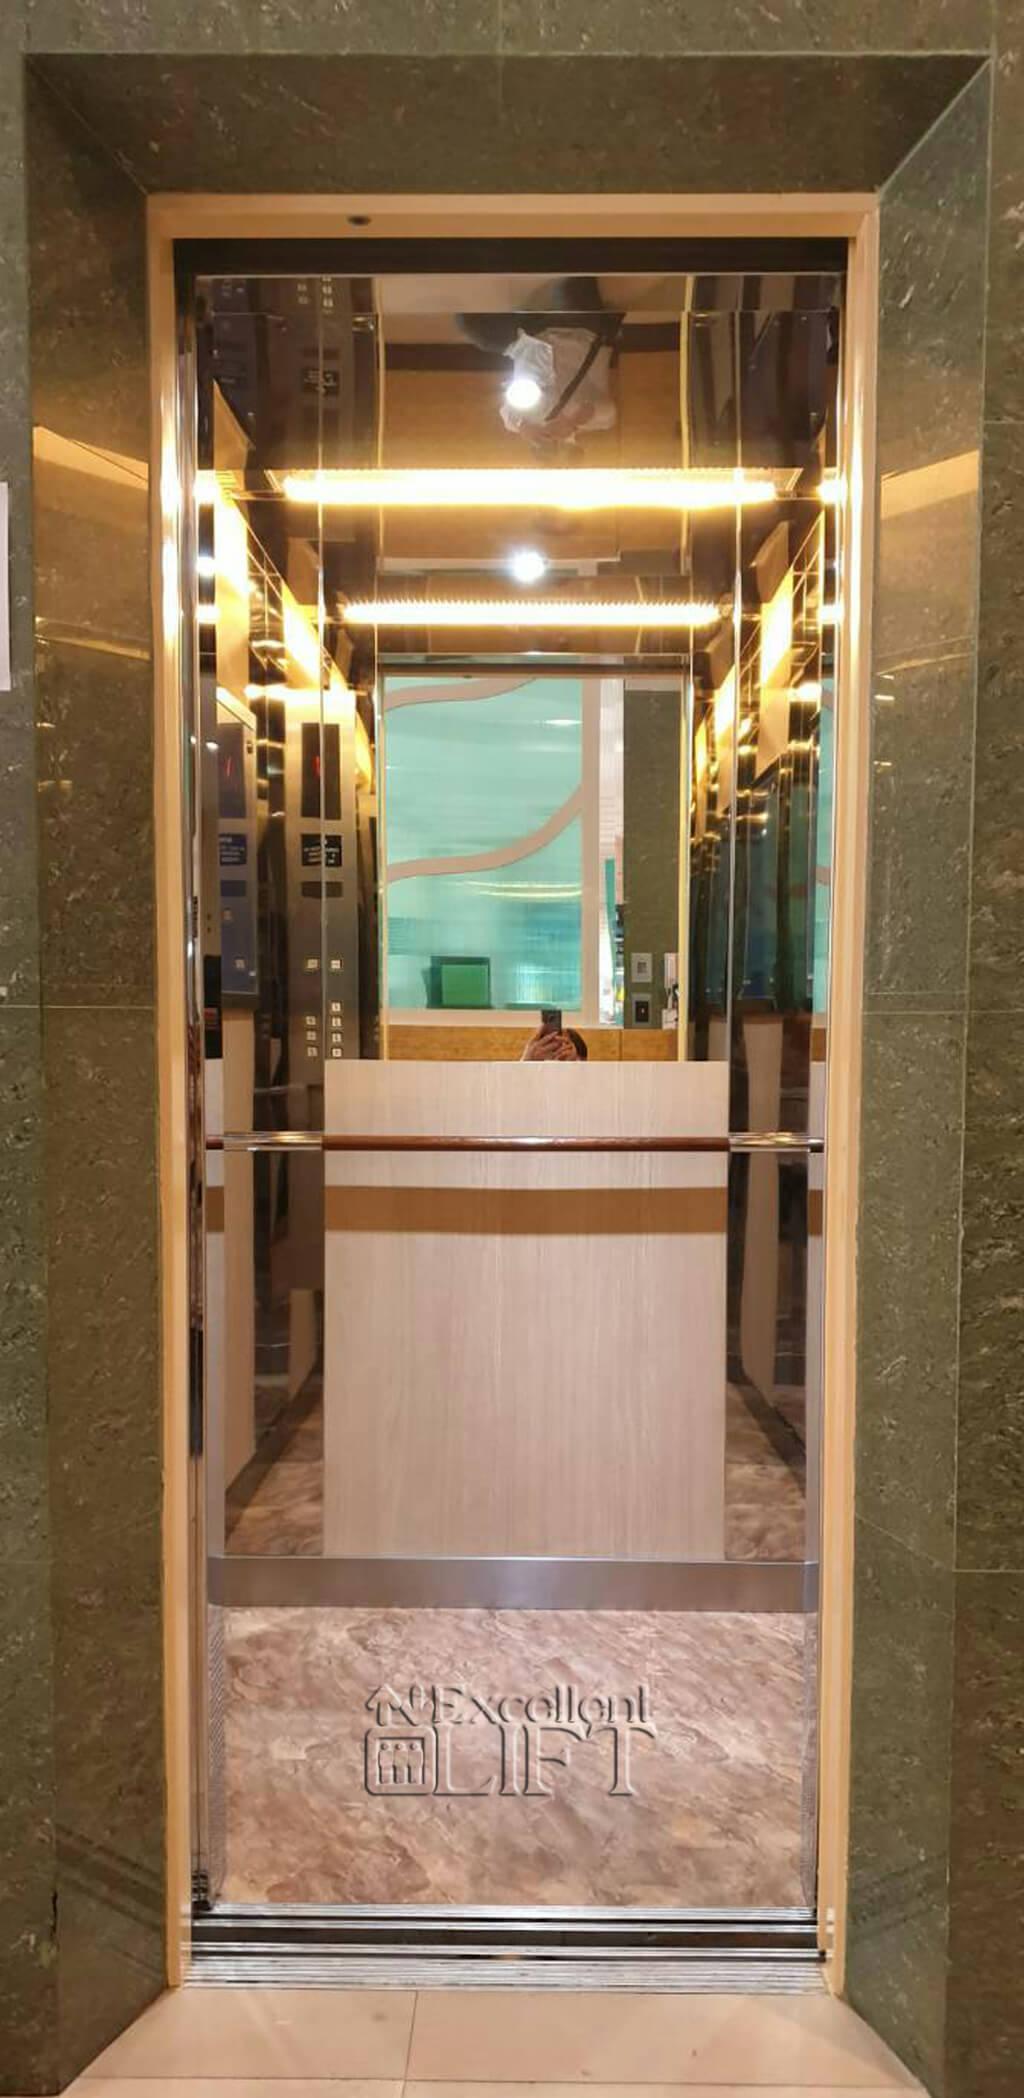 ตกแต่งลิฟท์-ตกแต่งลิฟท์โดยสาร